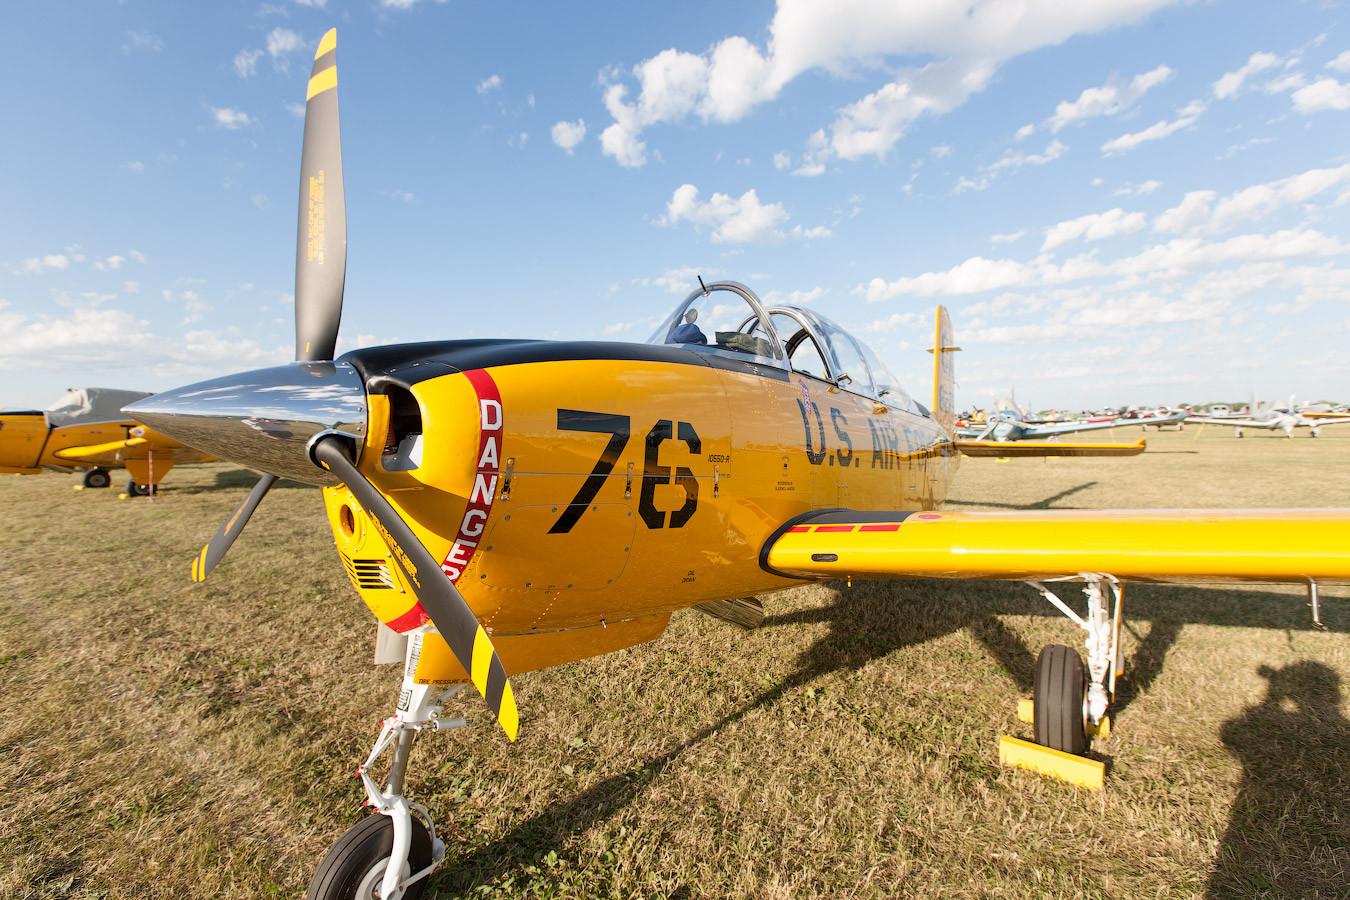 Тренировочный самолет вмс сша потерпел крушение в штате джорджия, передает местное издание 11alive